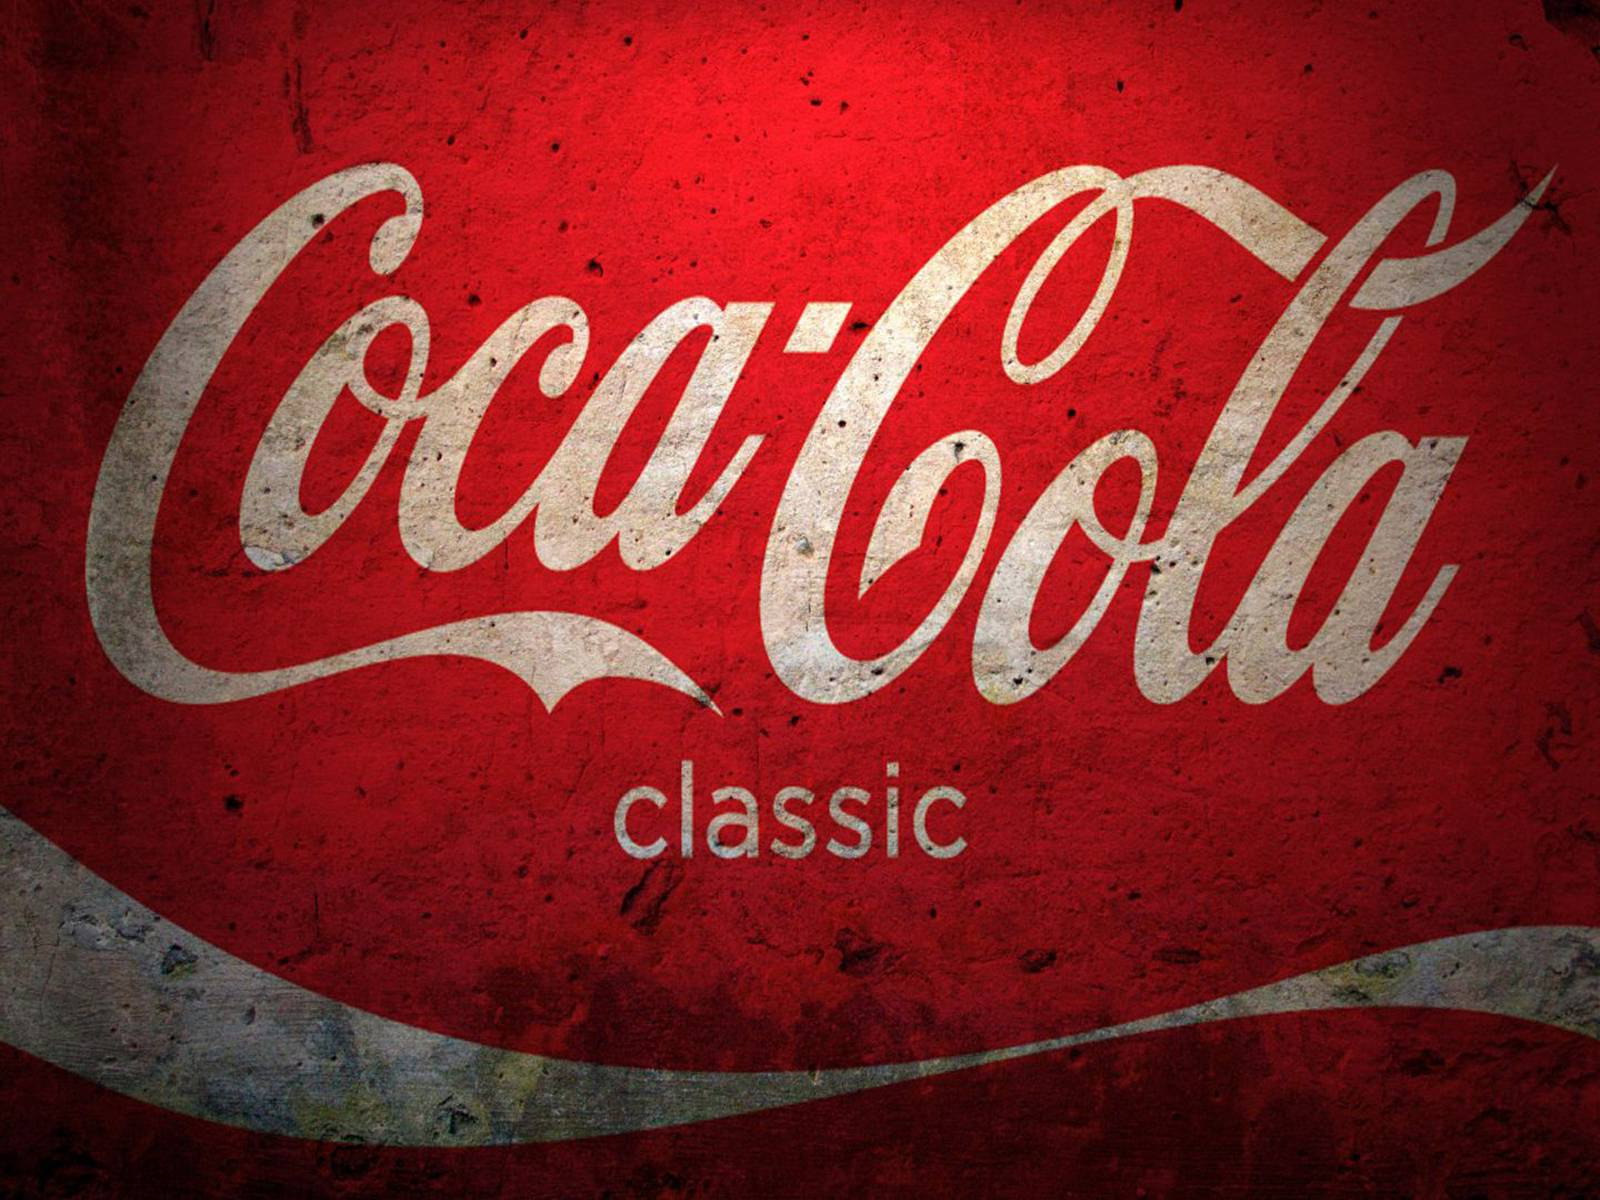 Картинки с надписью кока-кола